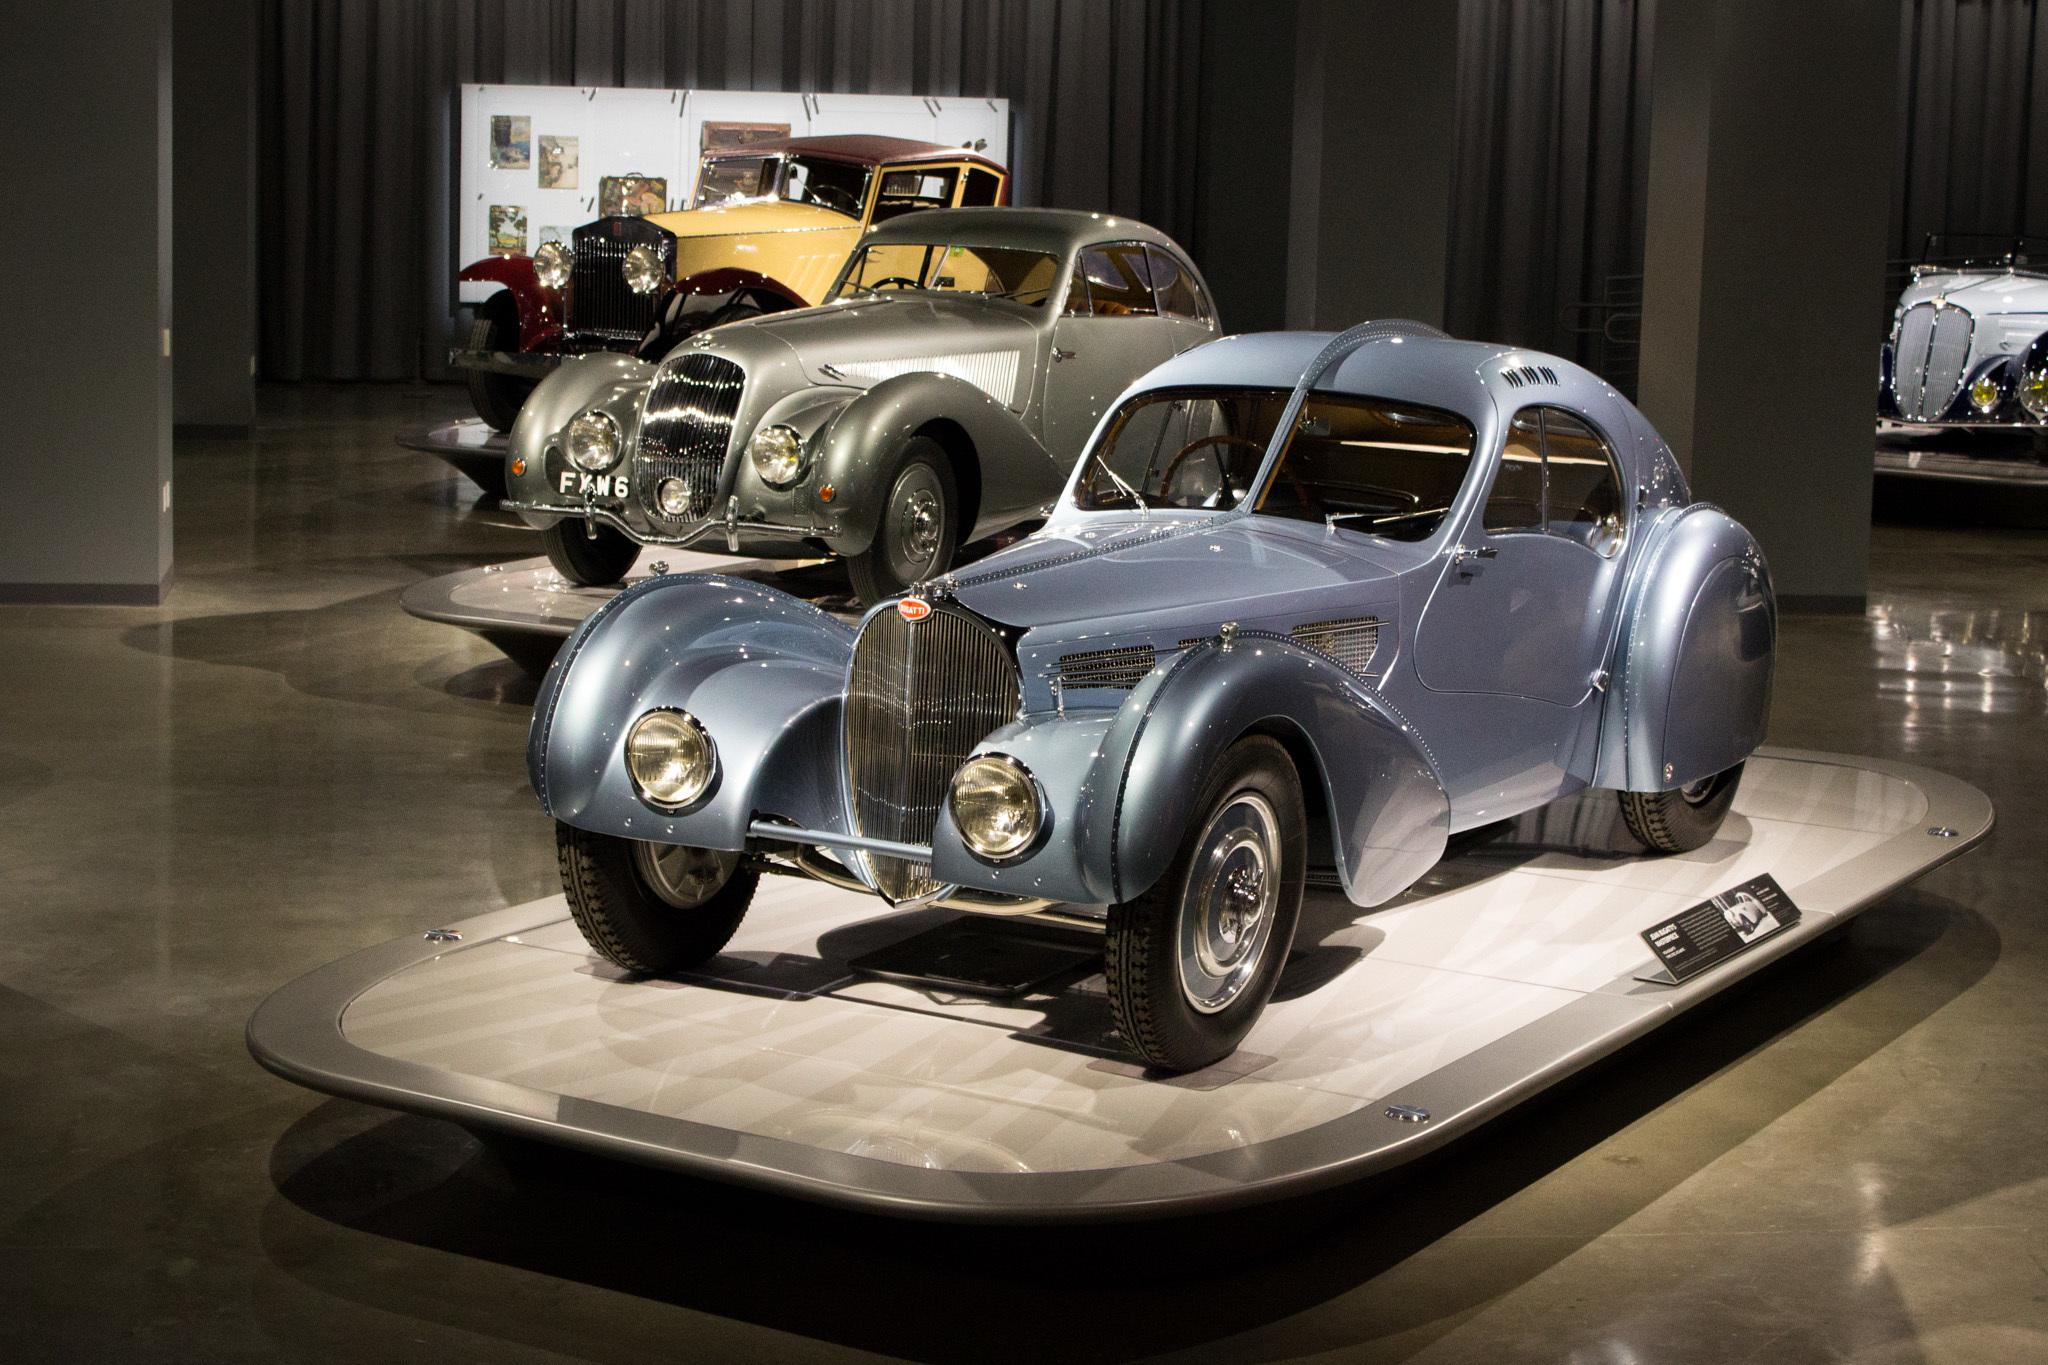 The Peterson Automotive Museum